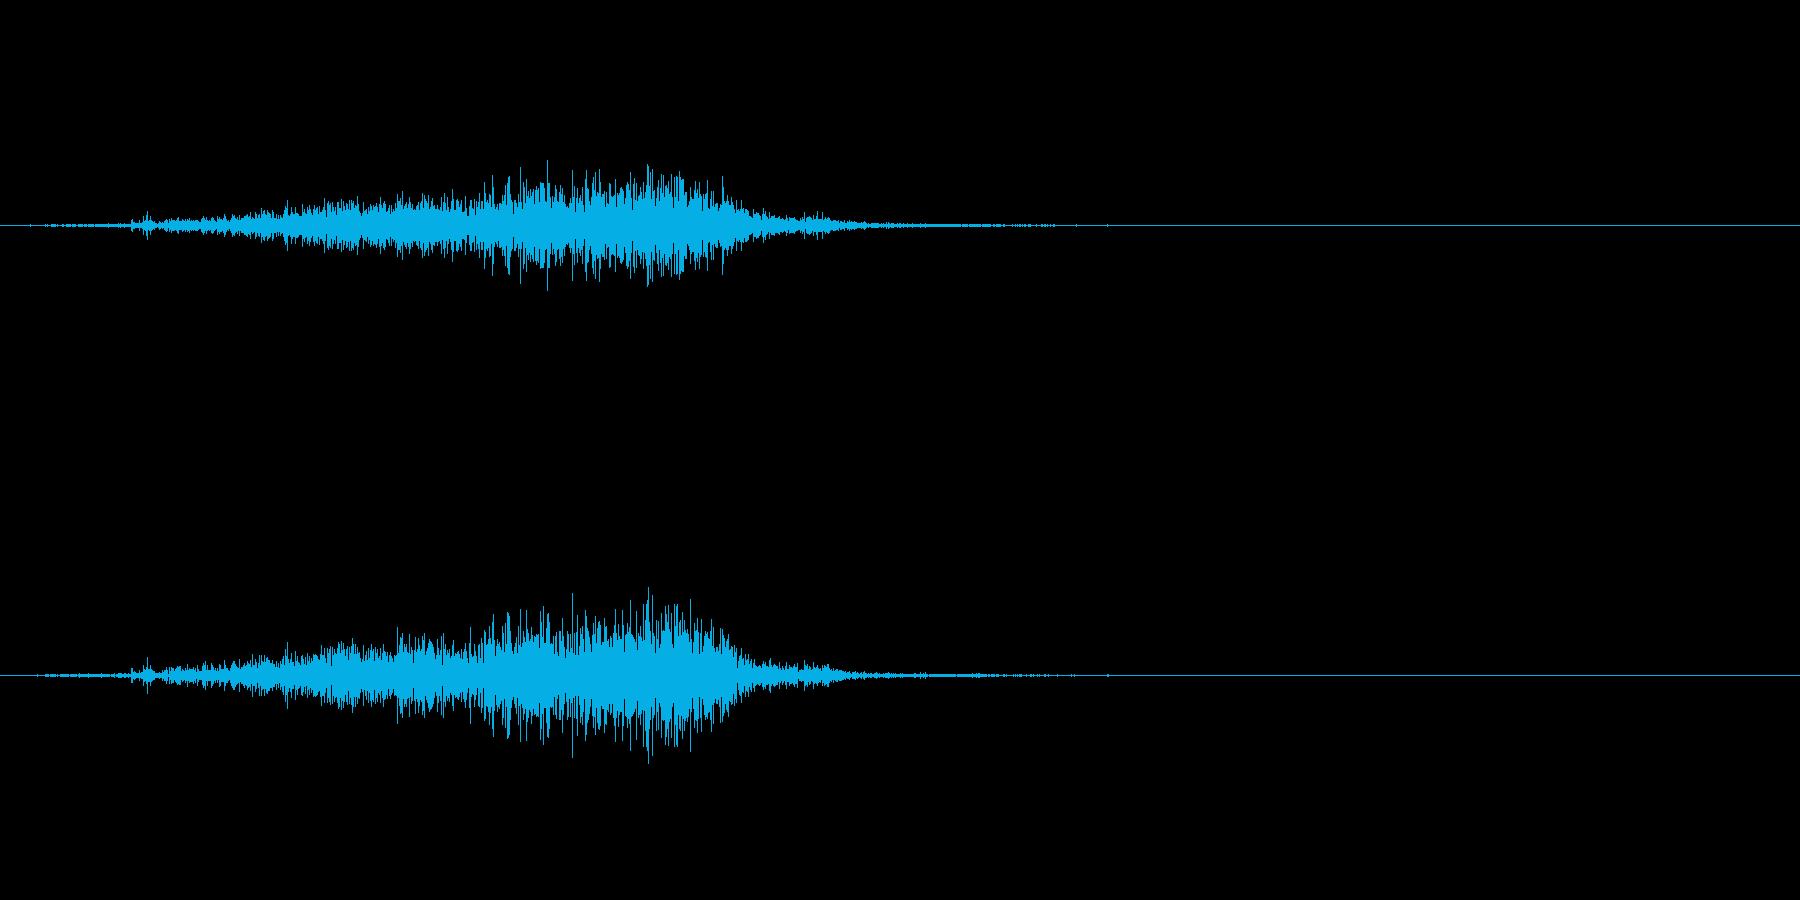 【生録音】 ティッシュを取る音 リアルの再生済みの波形